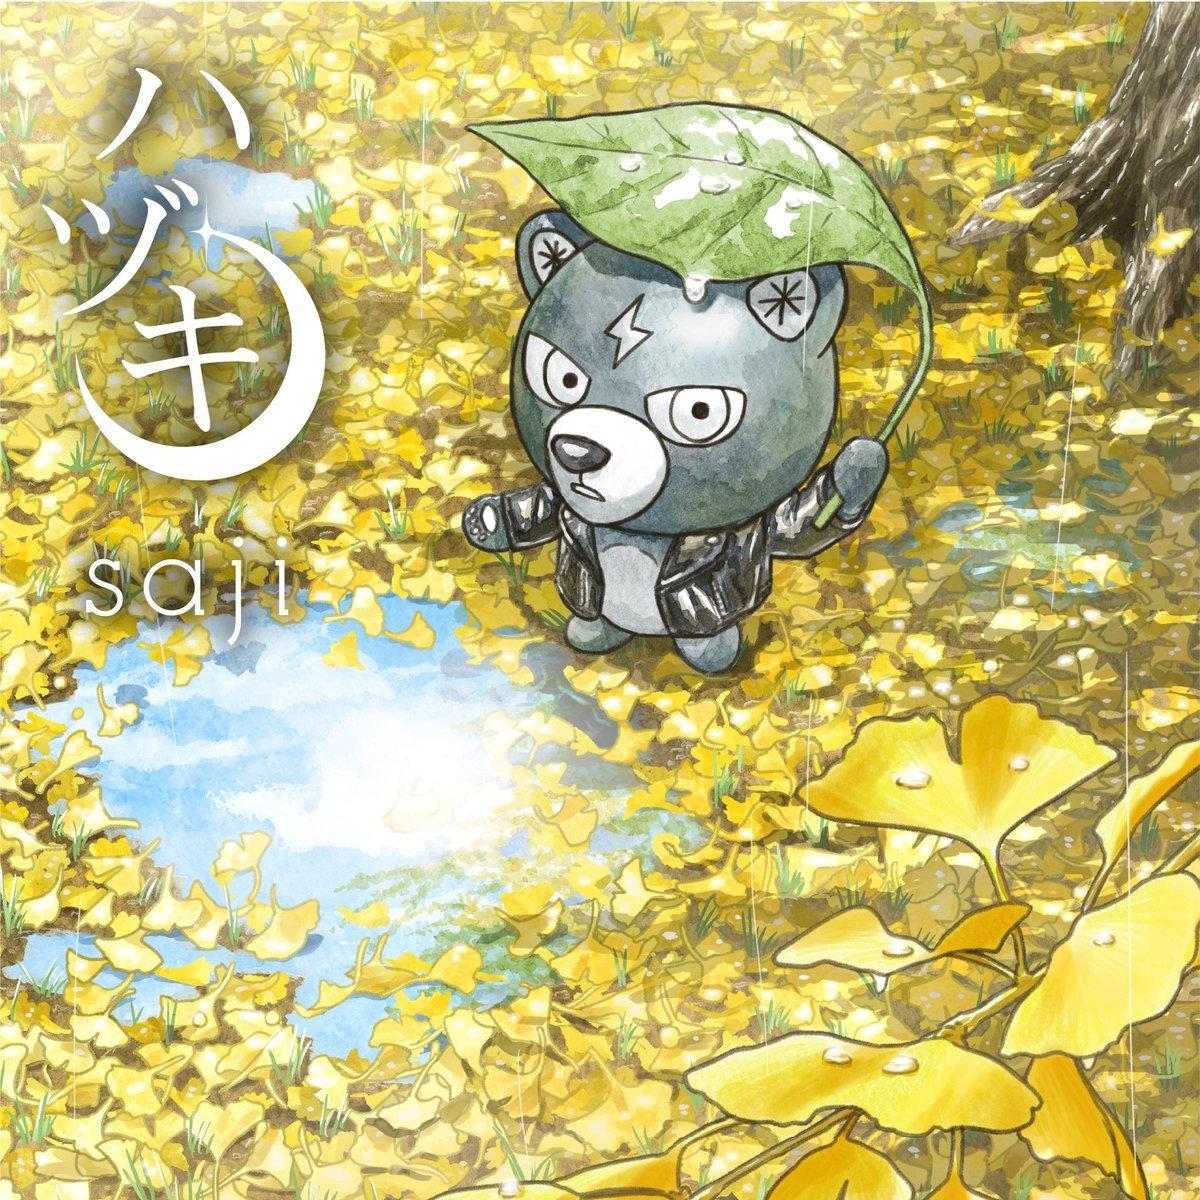 saji - ハヅキ